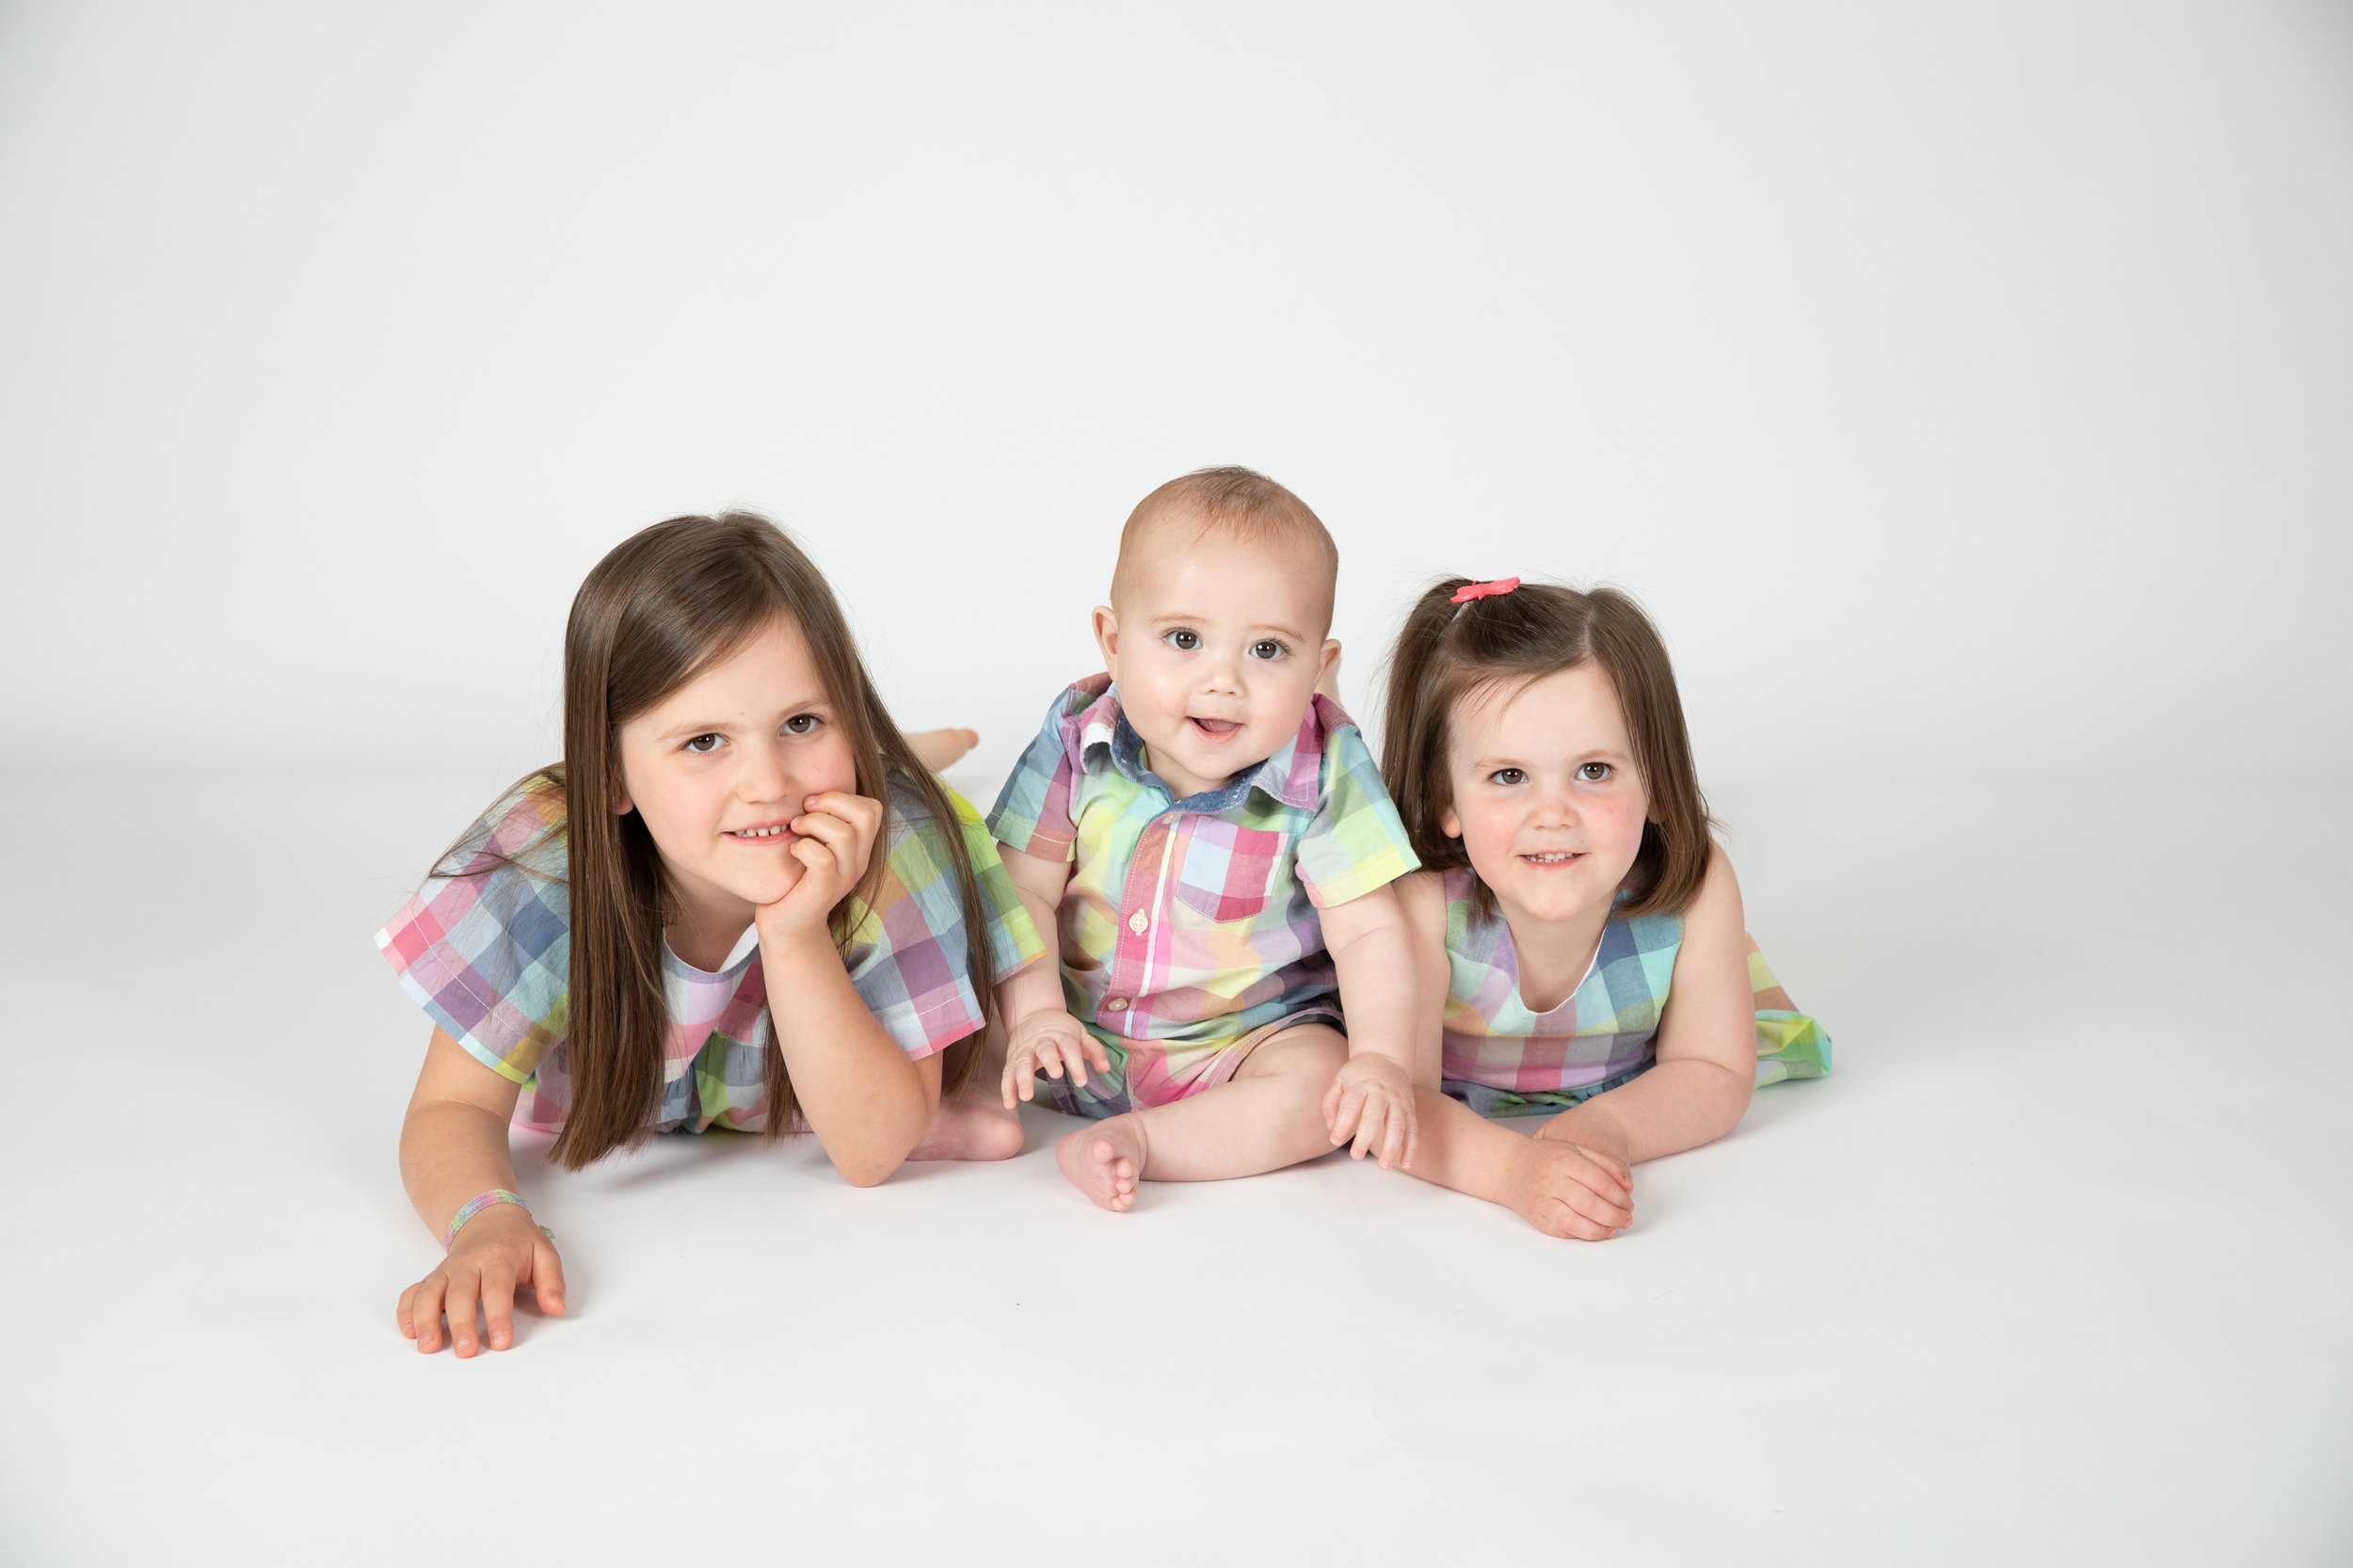 kids-5990.jpg